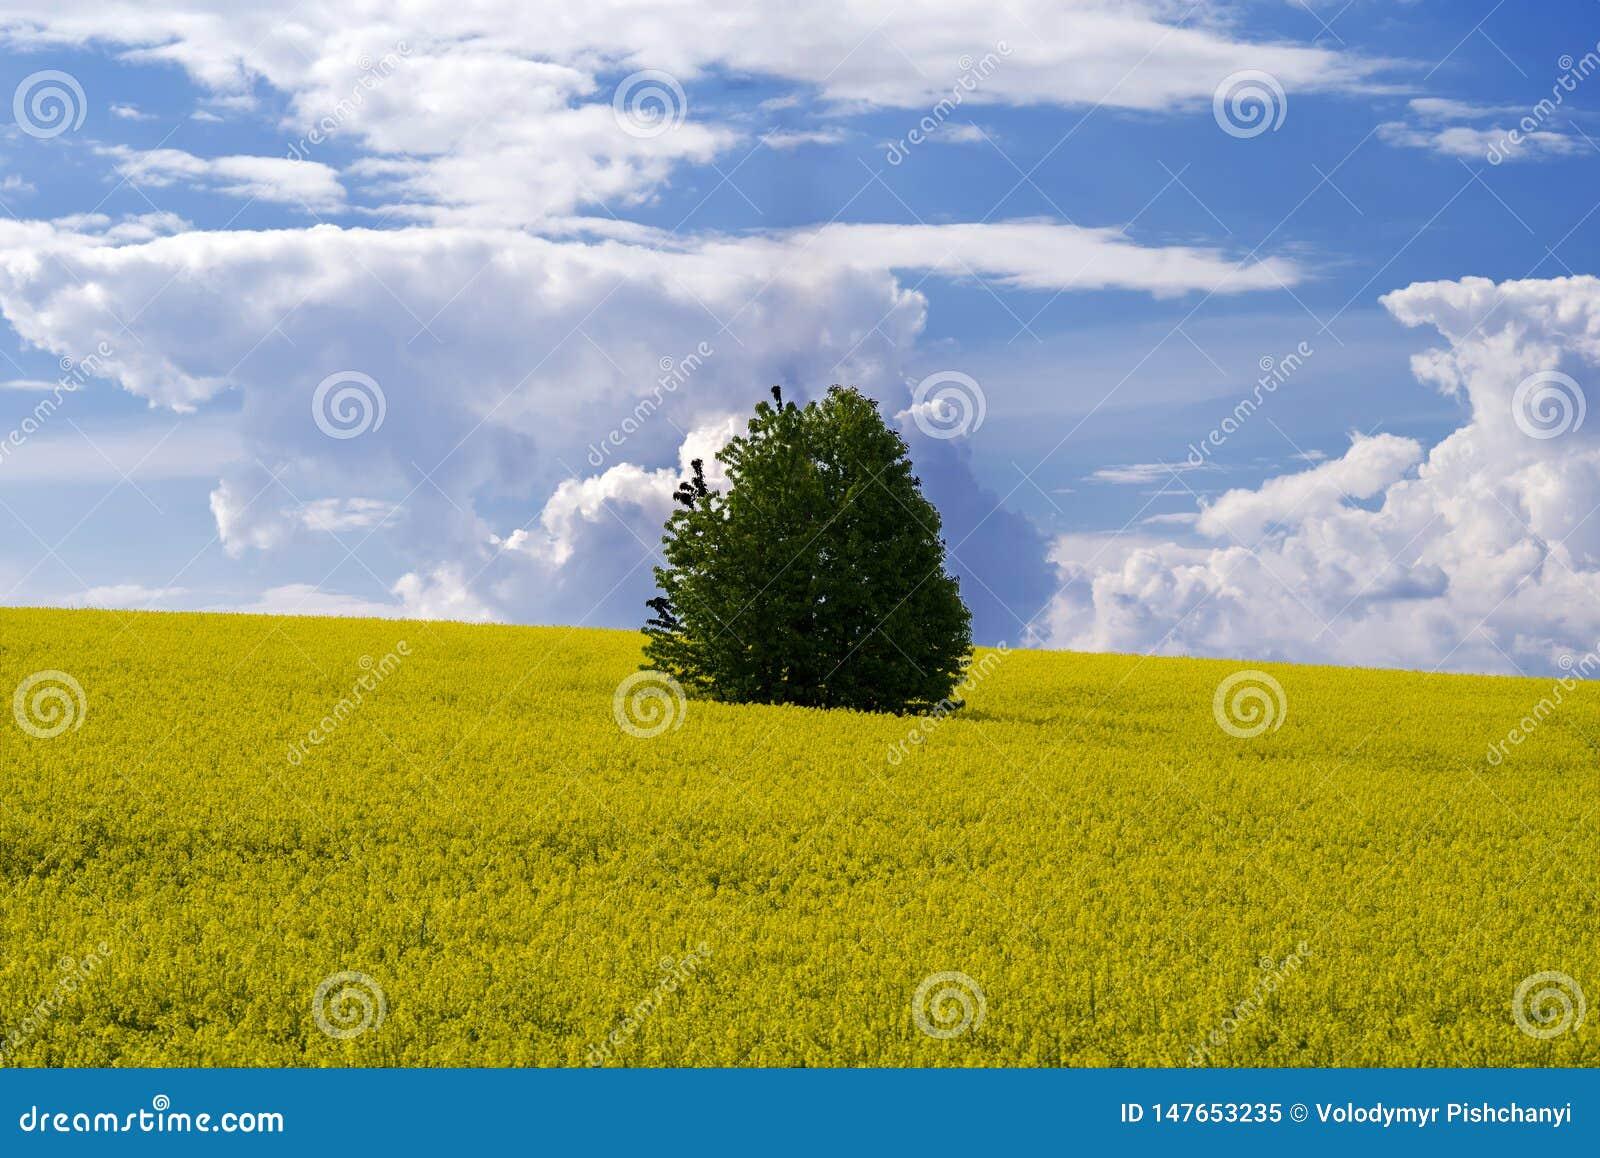 Un árbol solo en medio de un campo del canola floreciente contra un cielo azul con las nubes